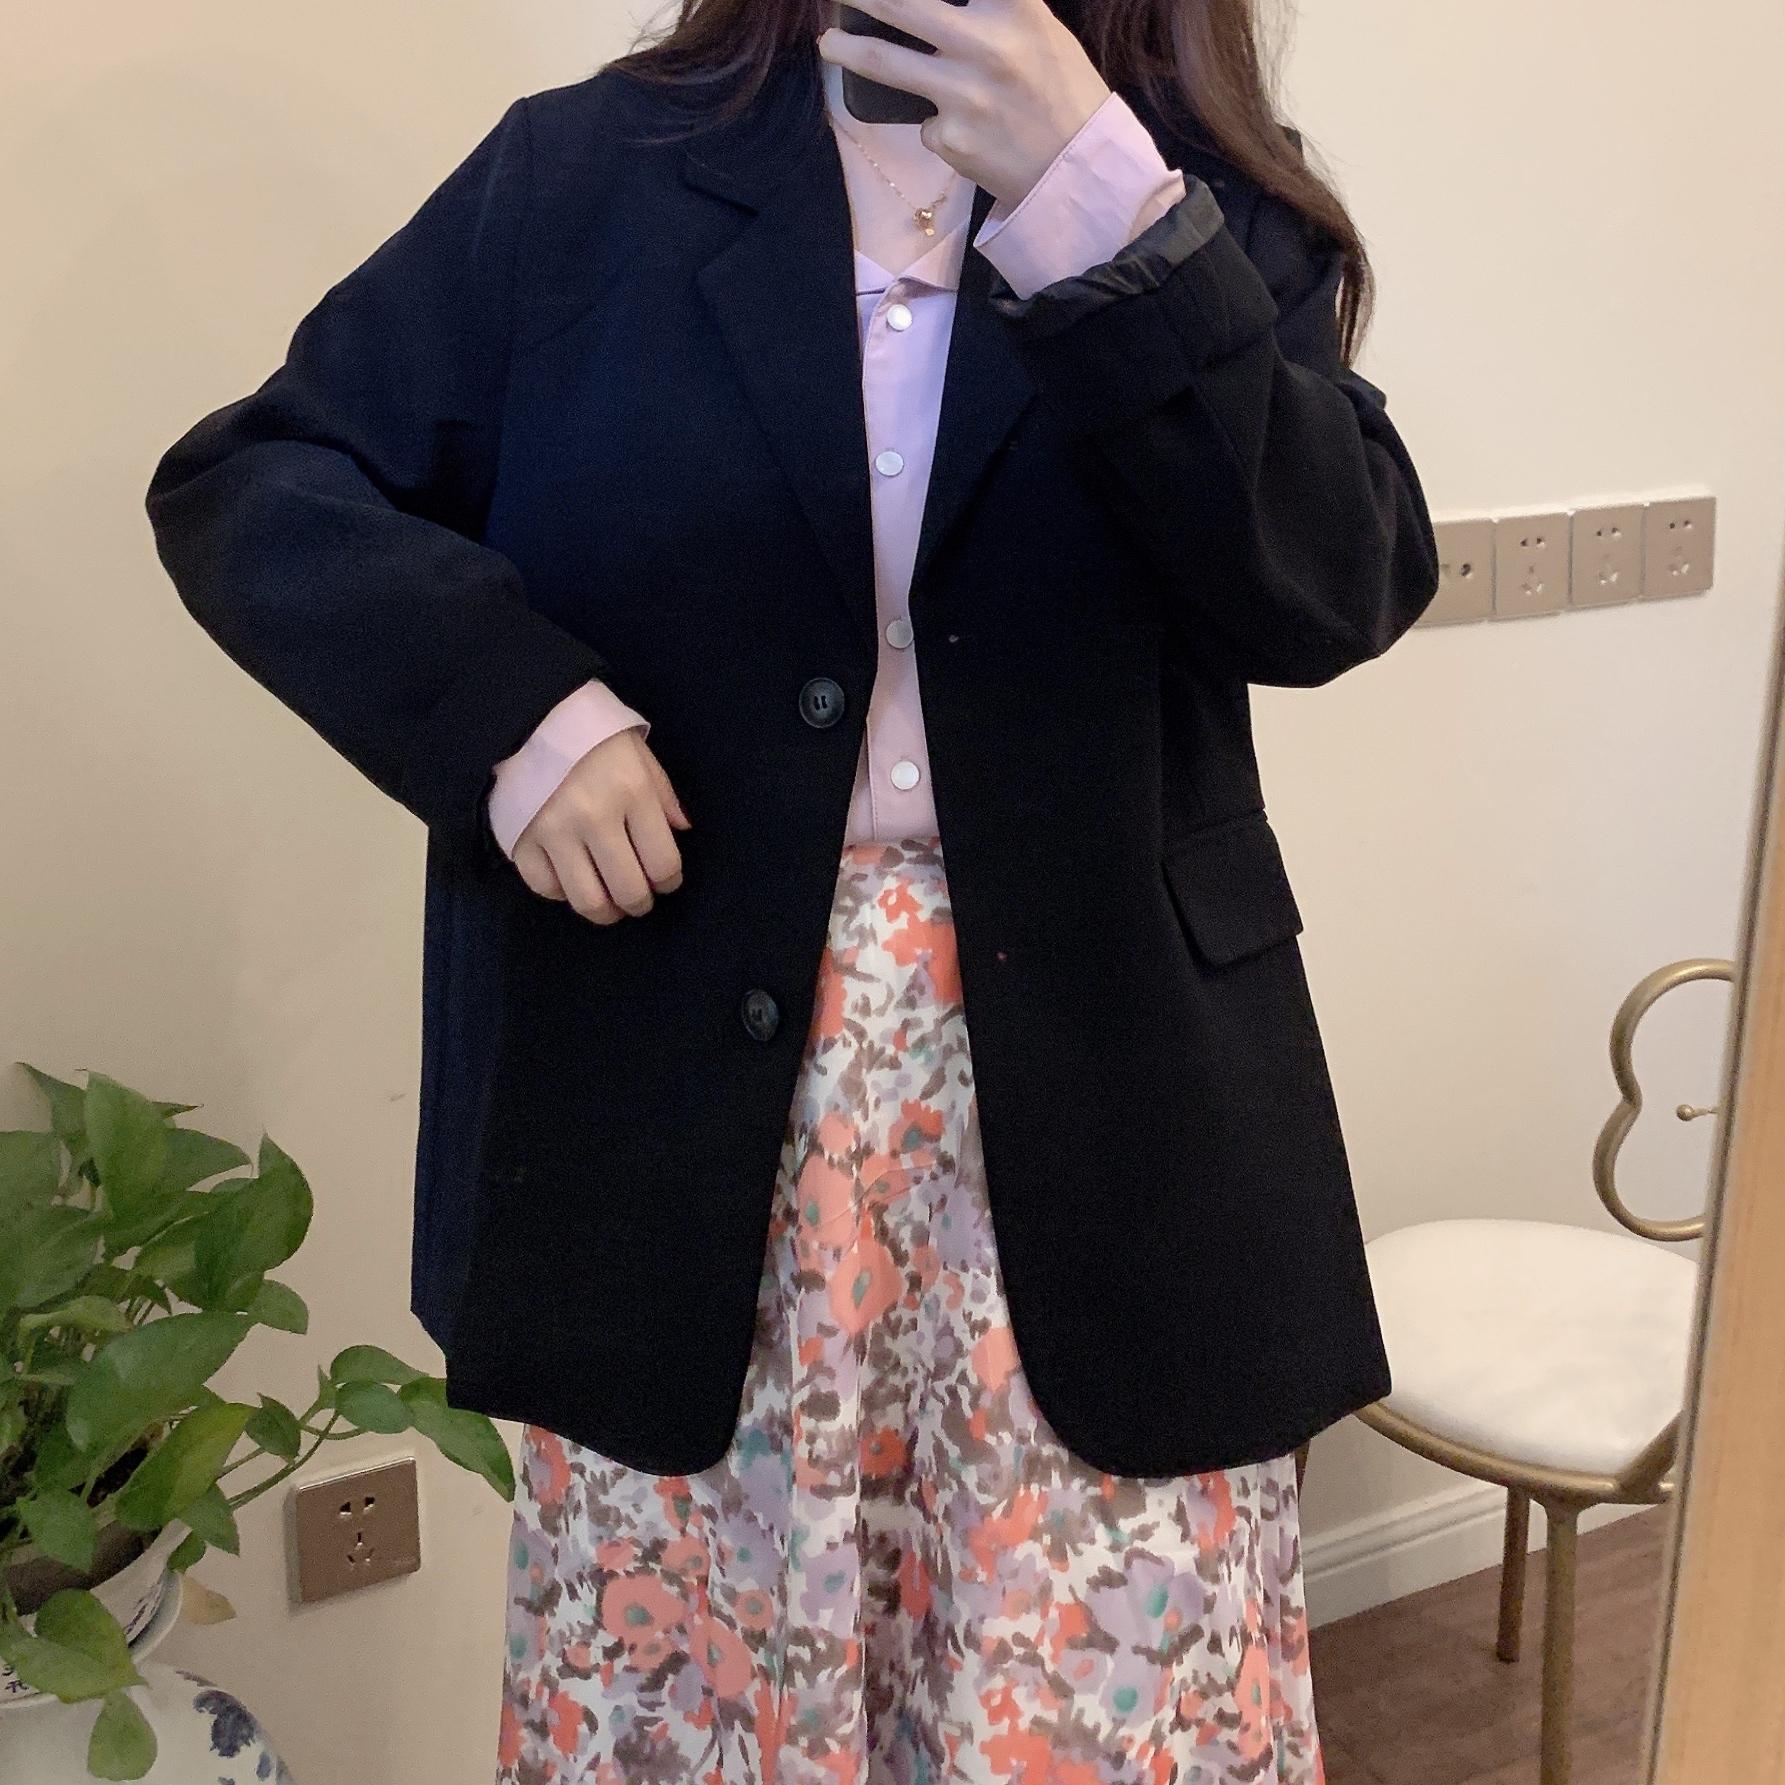 〈カフェシリーズ〉フェミニンやわらかジャケット【feminine soft jacket】